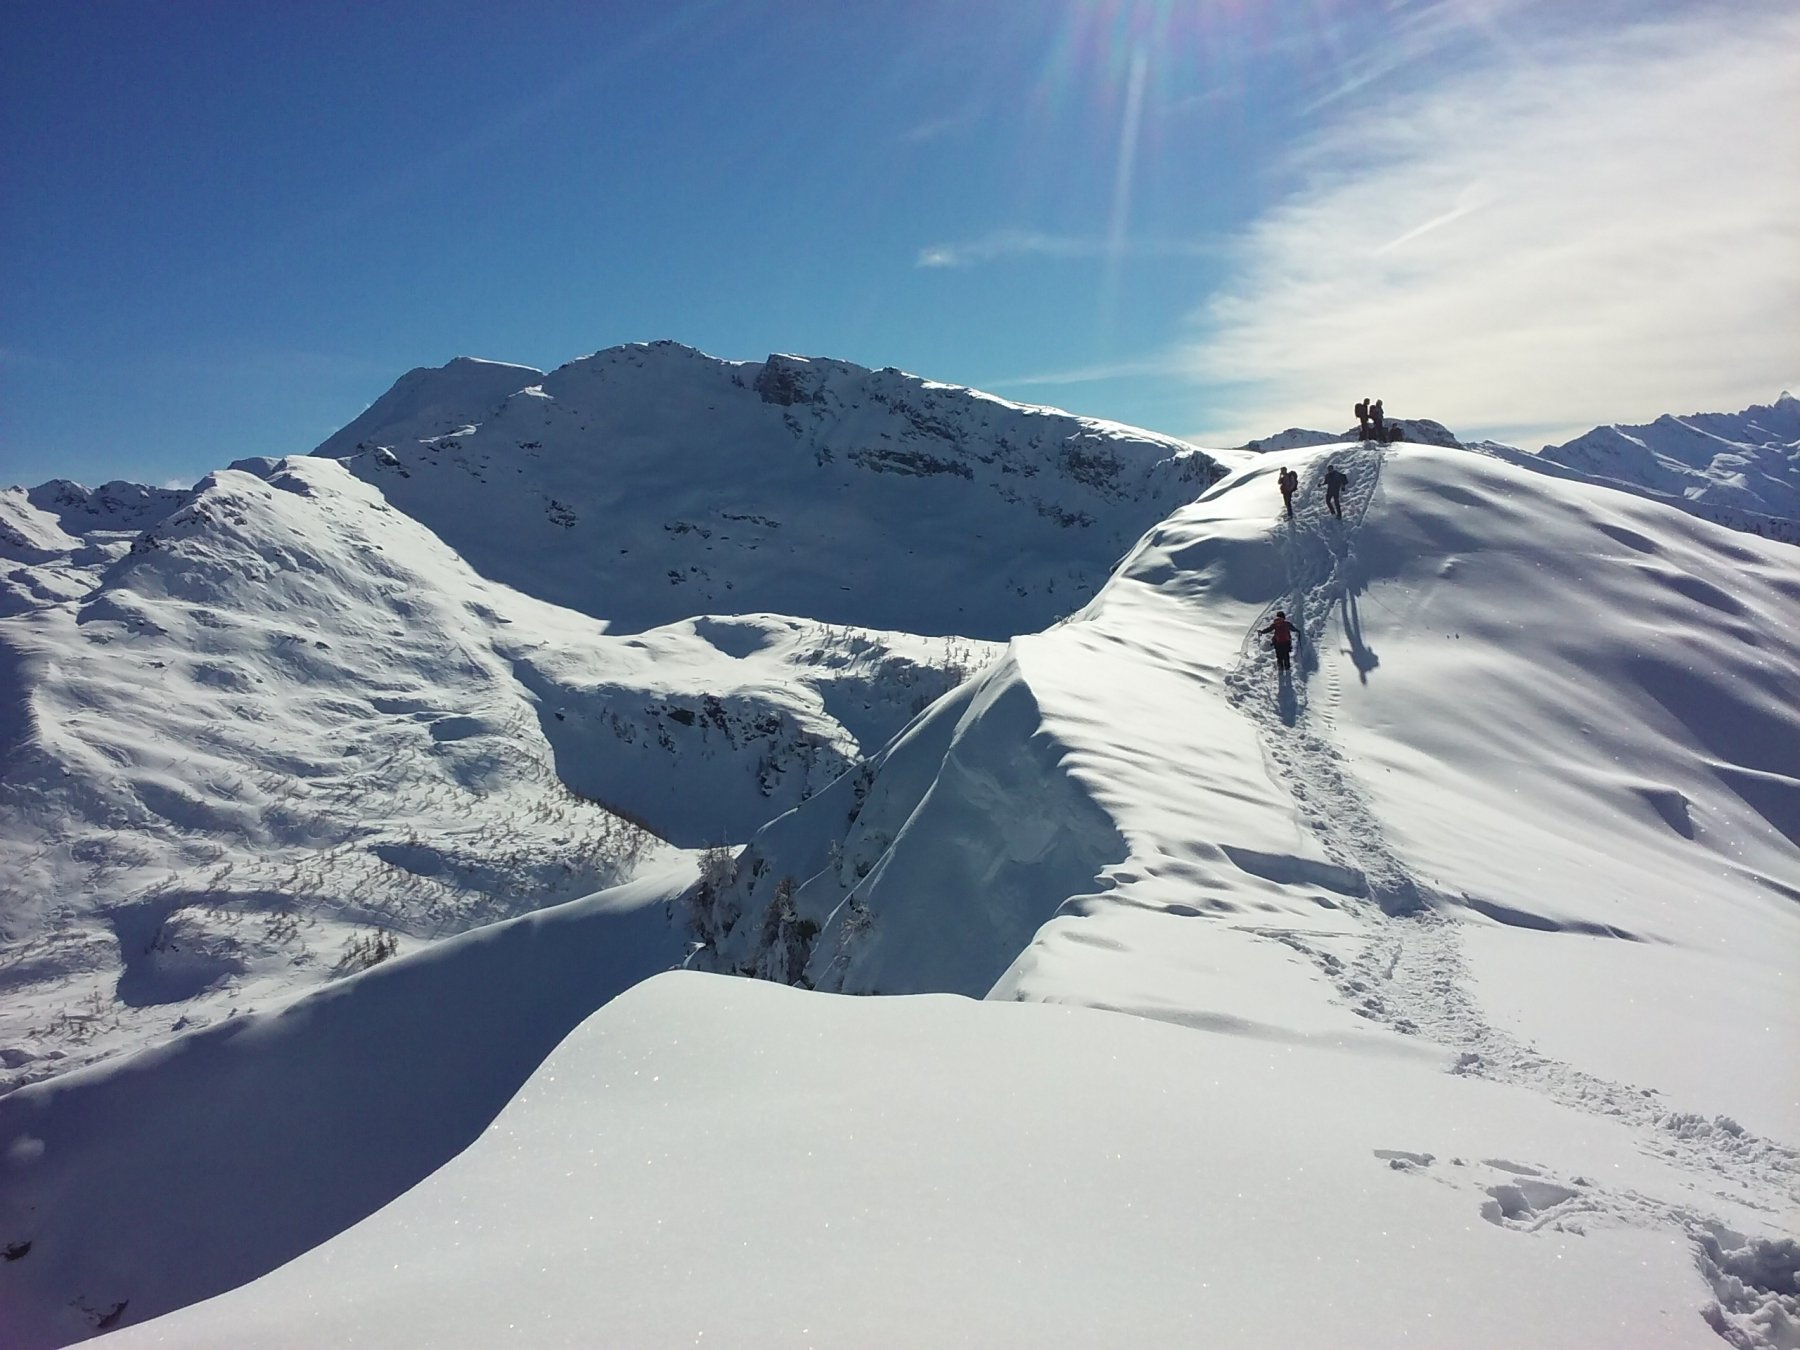 Poco a sinistra del centro la cima delle Liste e tutta a sinistra la punta Bruta, viste dalla Rocca Bianca.